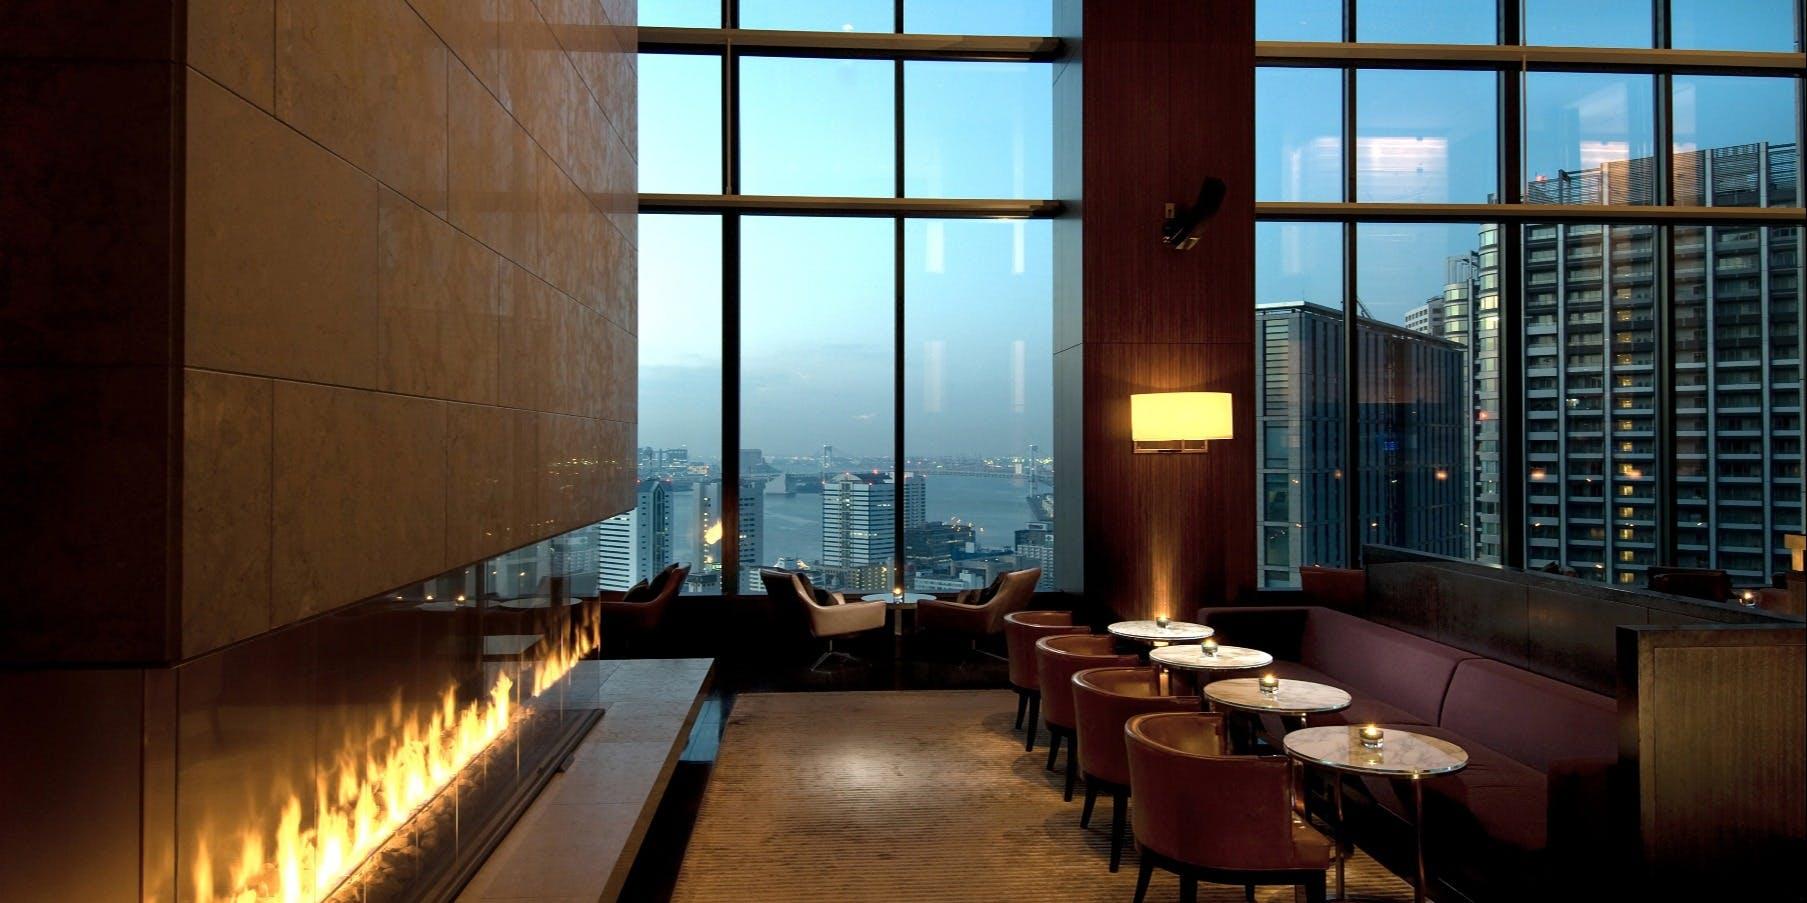 記念日におすすめのレストラン・トゥエンティエイト/コンラッド東京の写真2